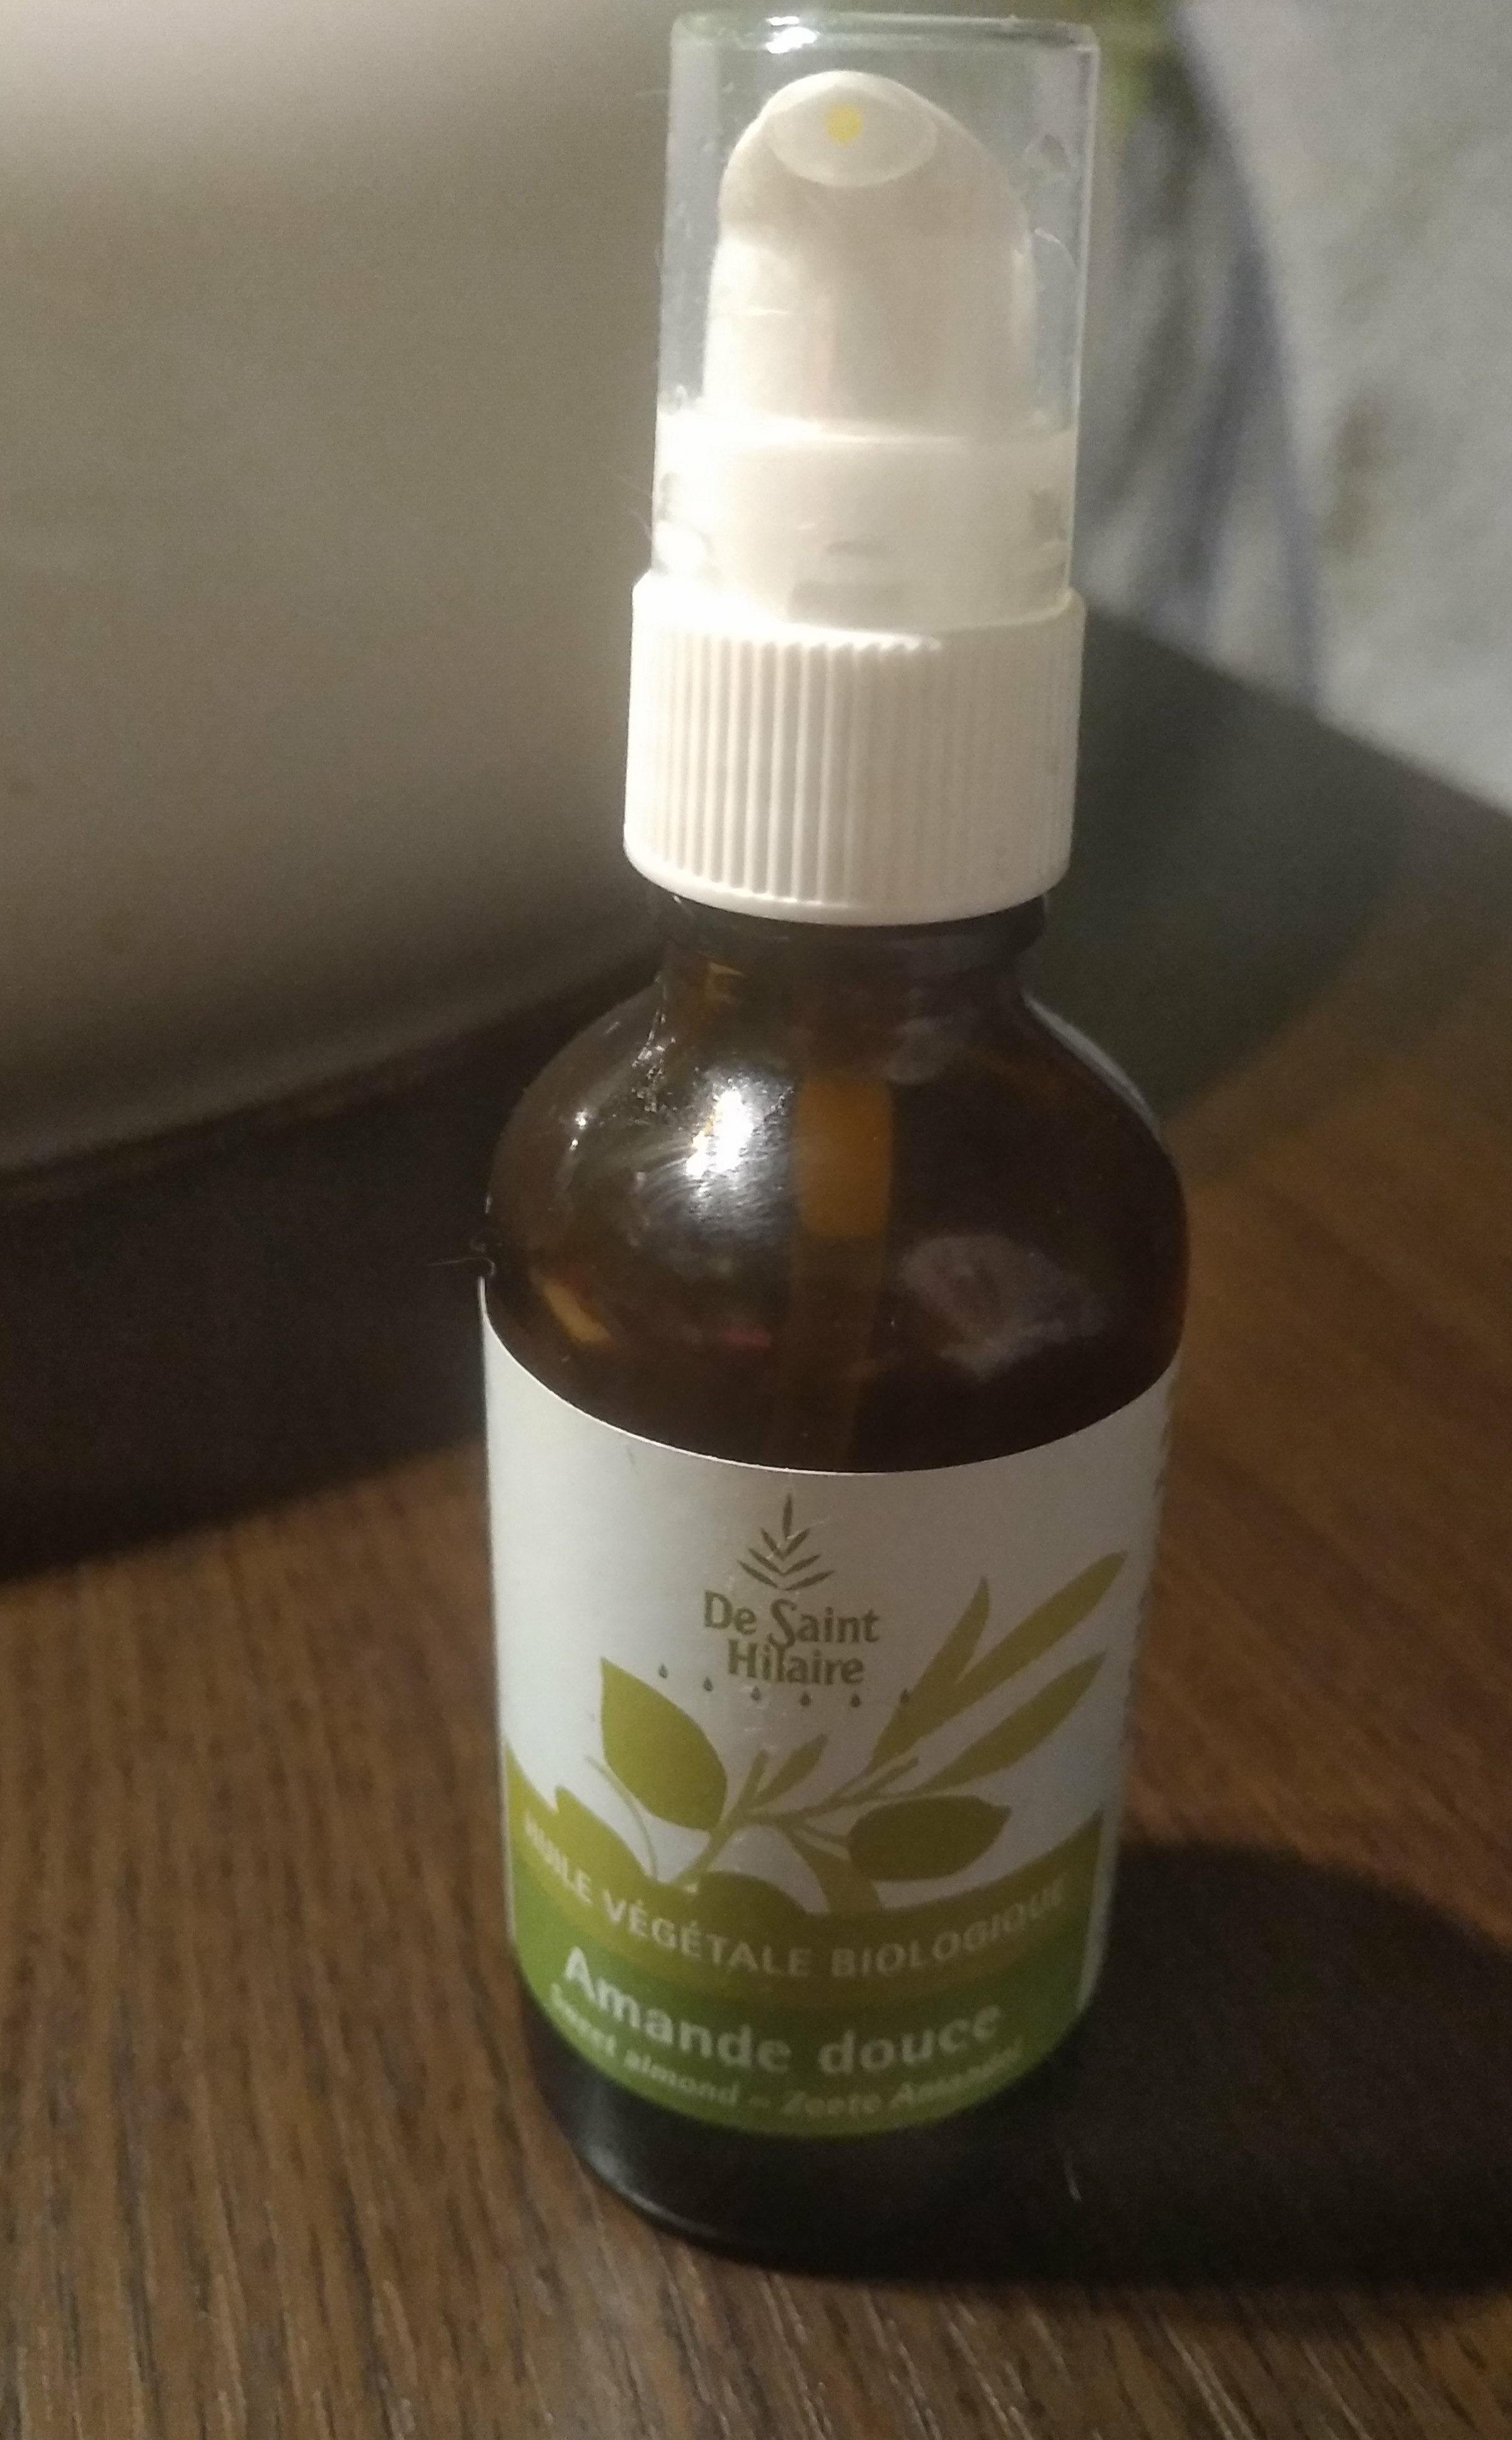 huile végétale biologique Amande douce - Product